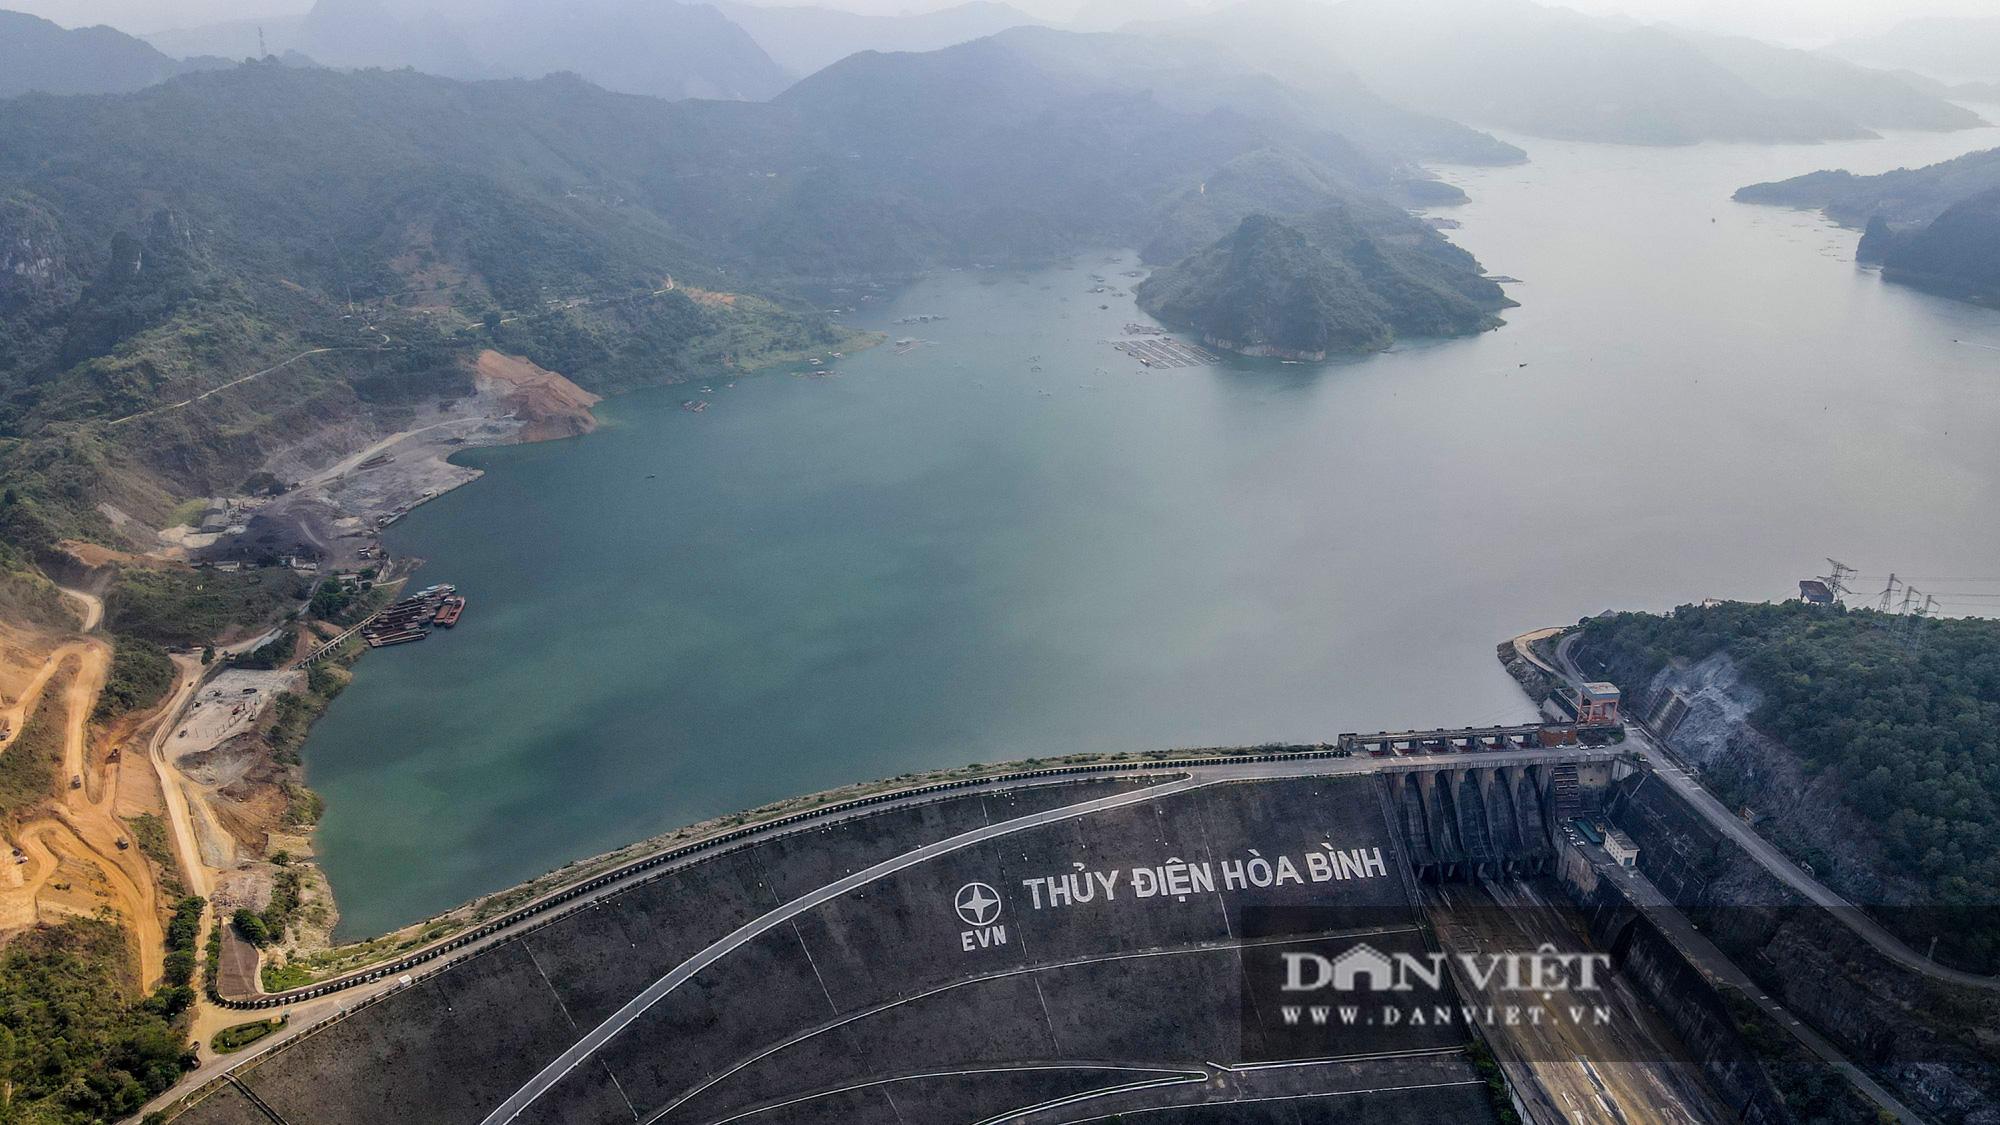 Công trình mở rộng nhà máy thuỷ điện Hoà Bình hơn 9000 tỷ nhìn từ trên cao  - Ảnh 9.